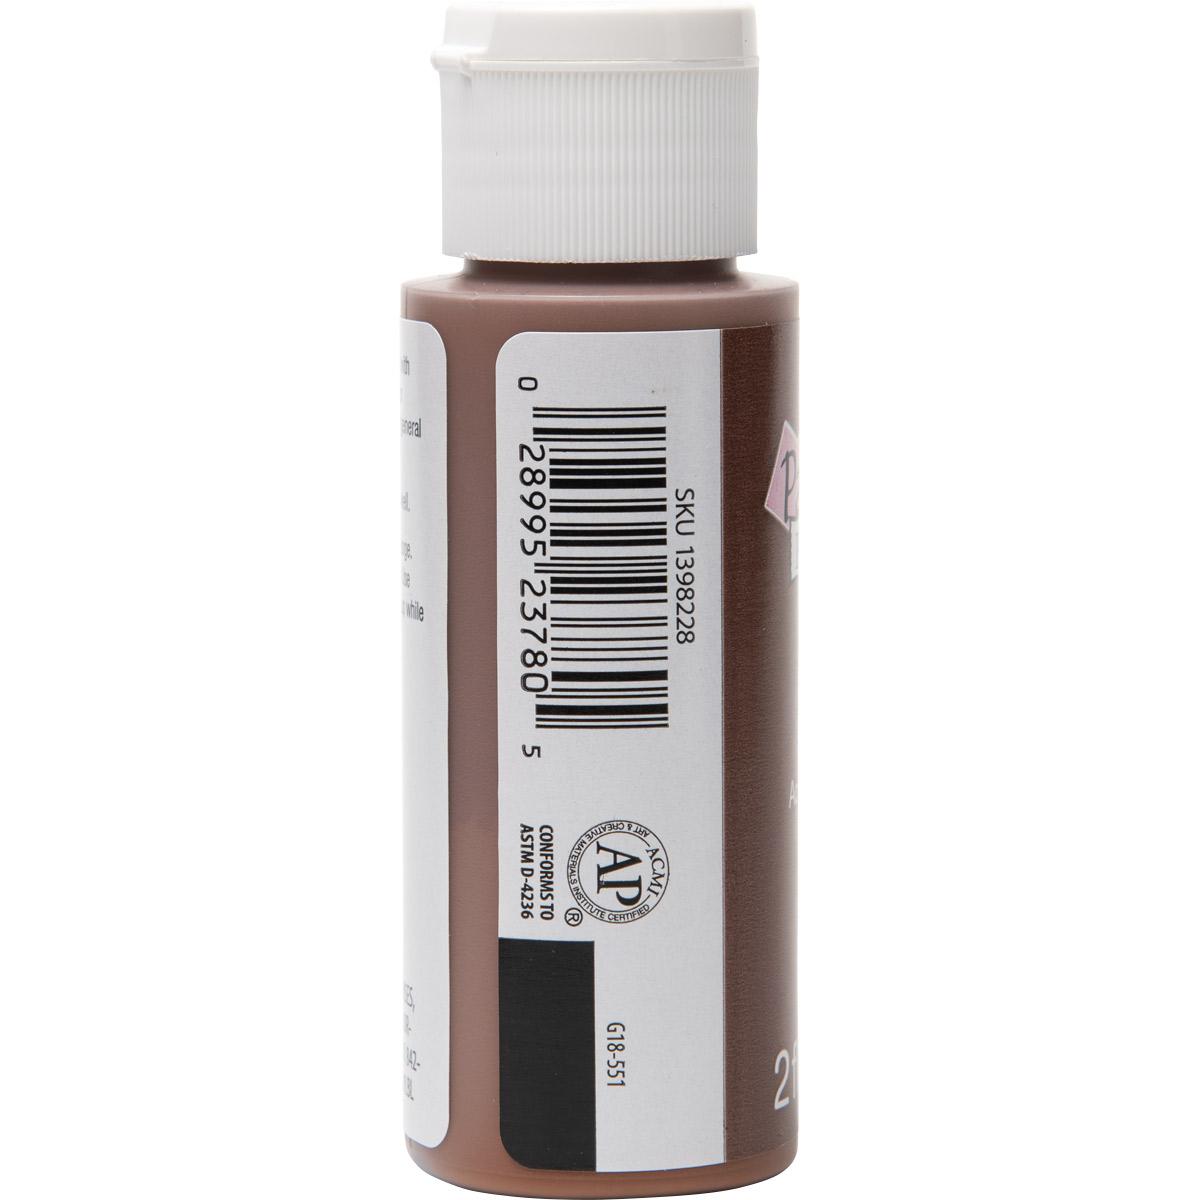 Plaid ® Painter's Palette™ Acrylic Paint - Brown, 2 oz. - 23780